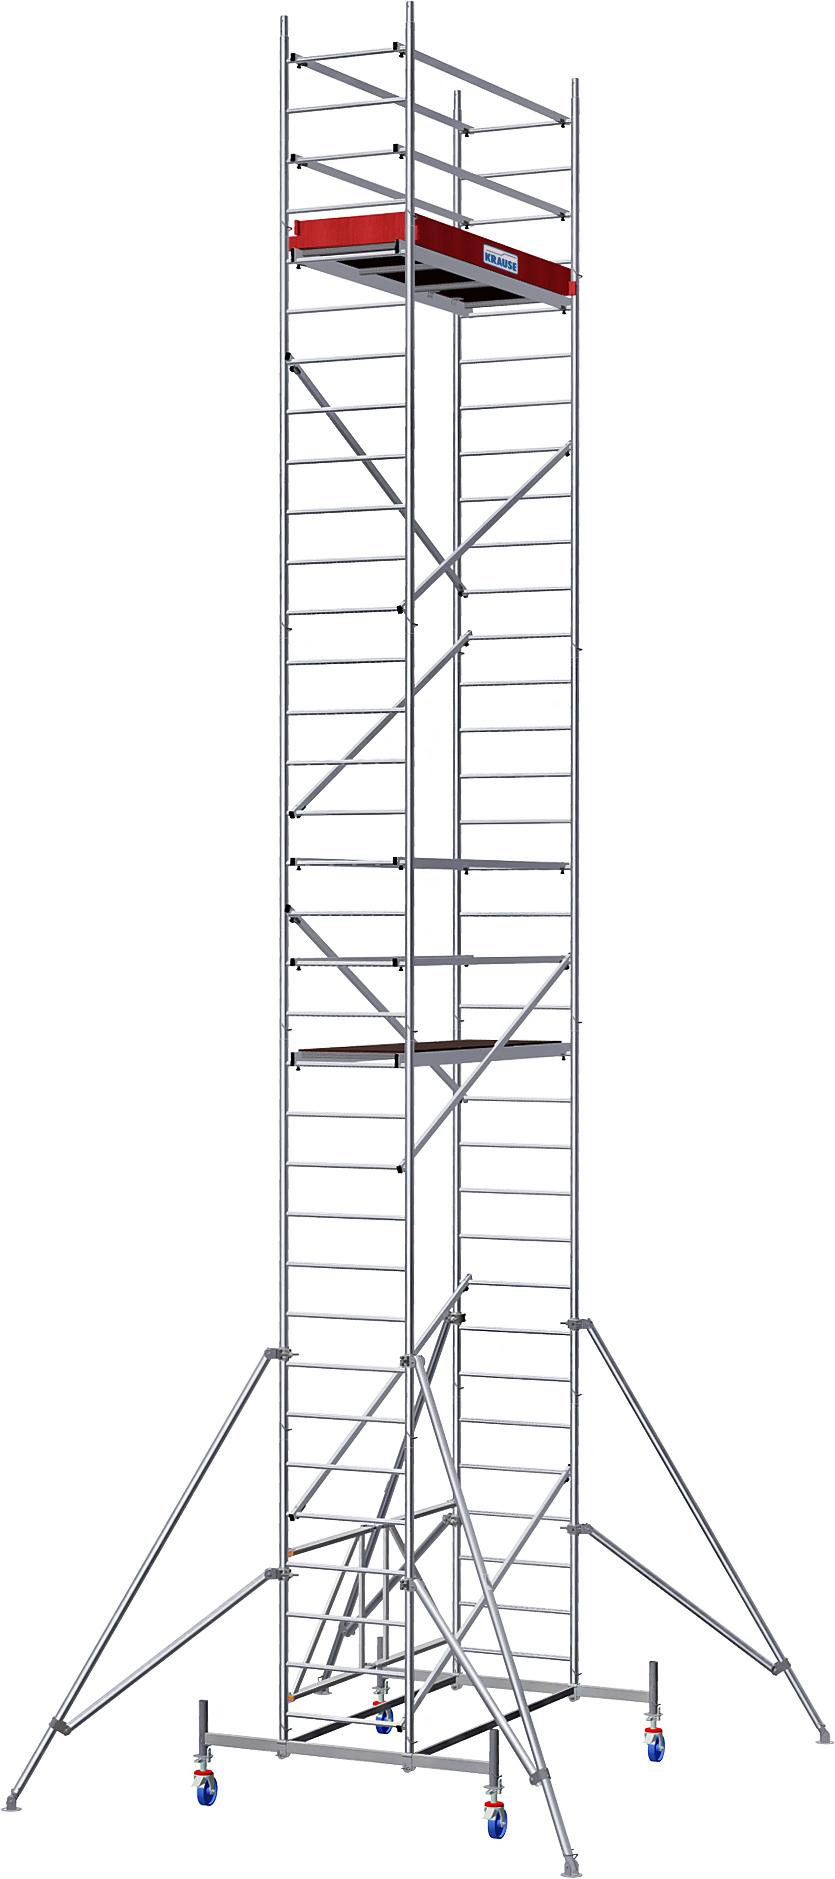 Klappgerüst Krause Monto ProTec XS 0,70x2,00m - AH 9,80m